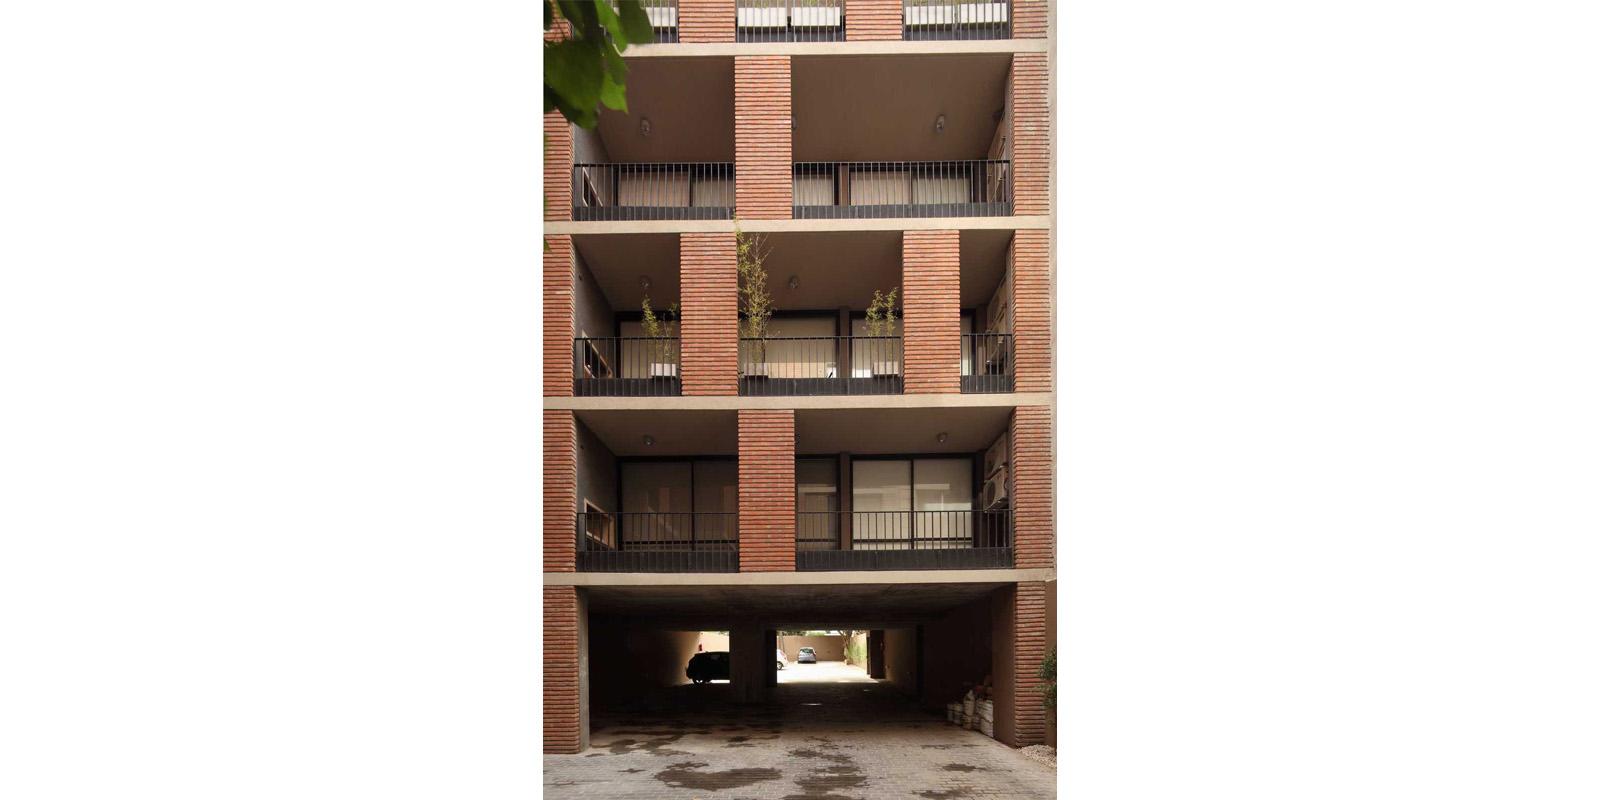 ProyectoC_Arquitectos_Portfolio_07_Vergara